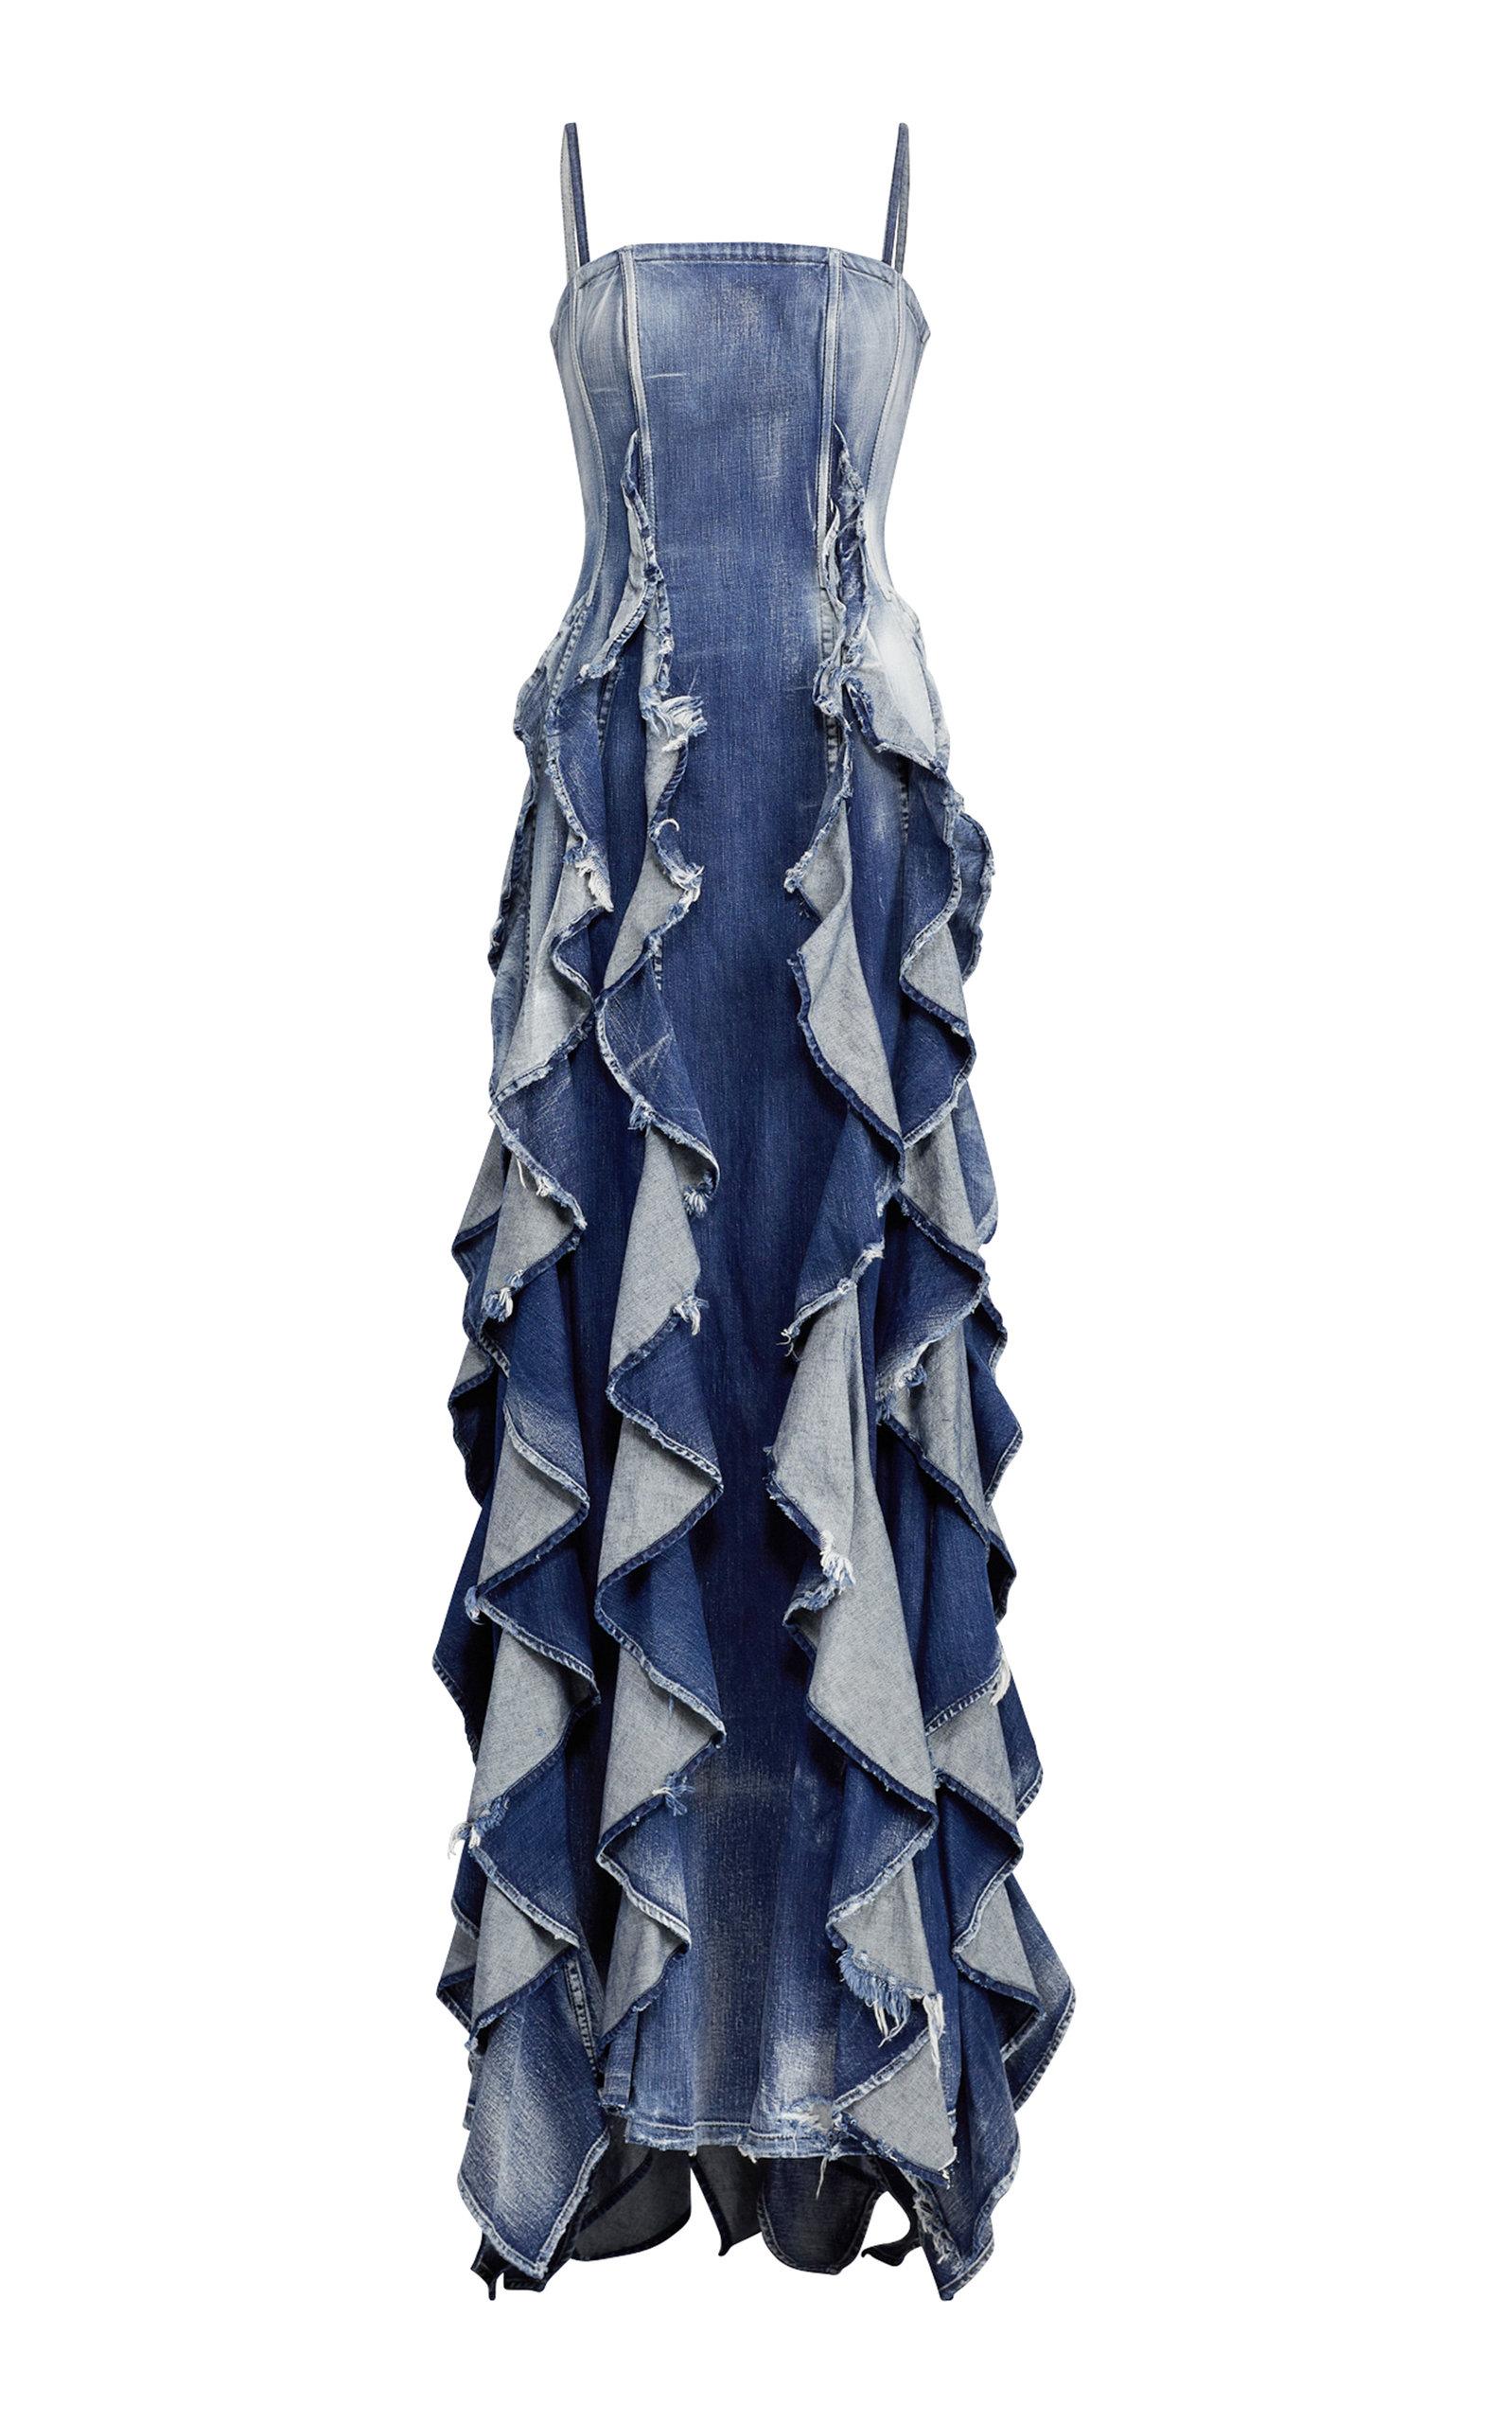 0a58cda780 Ralph LaurenDenim Eve Evening Dress. CLOSE. Loading